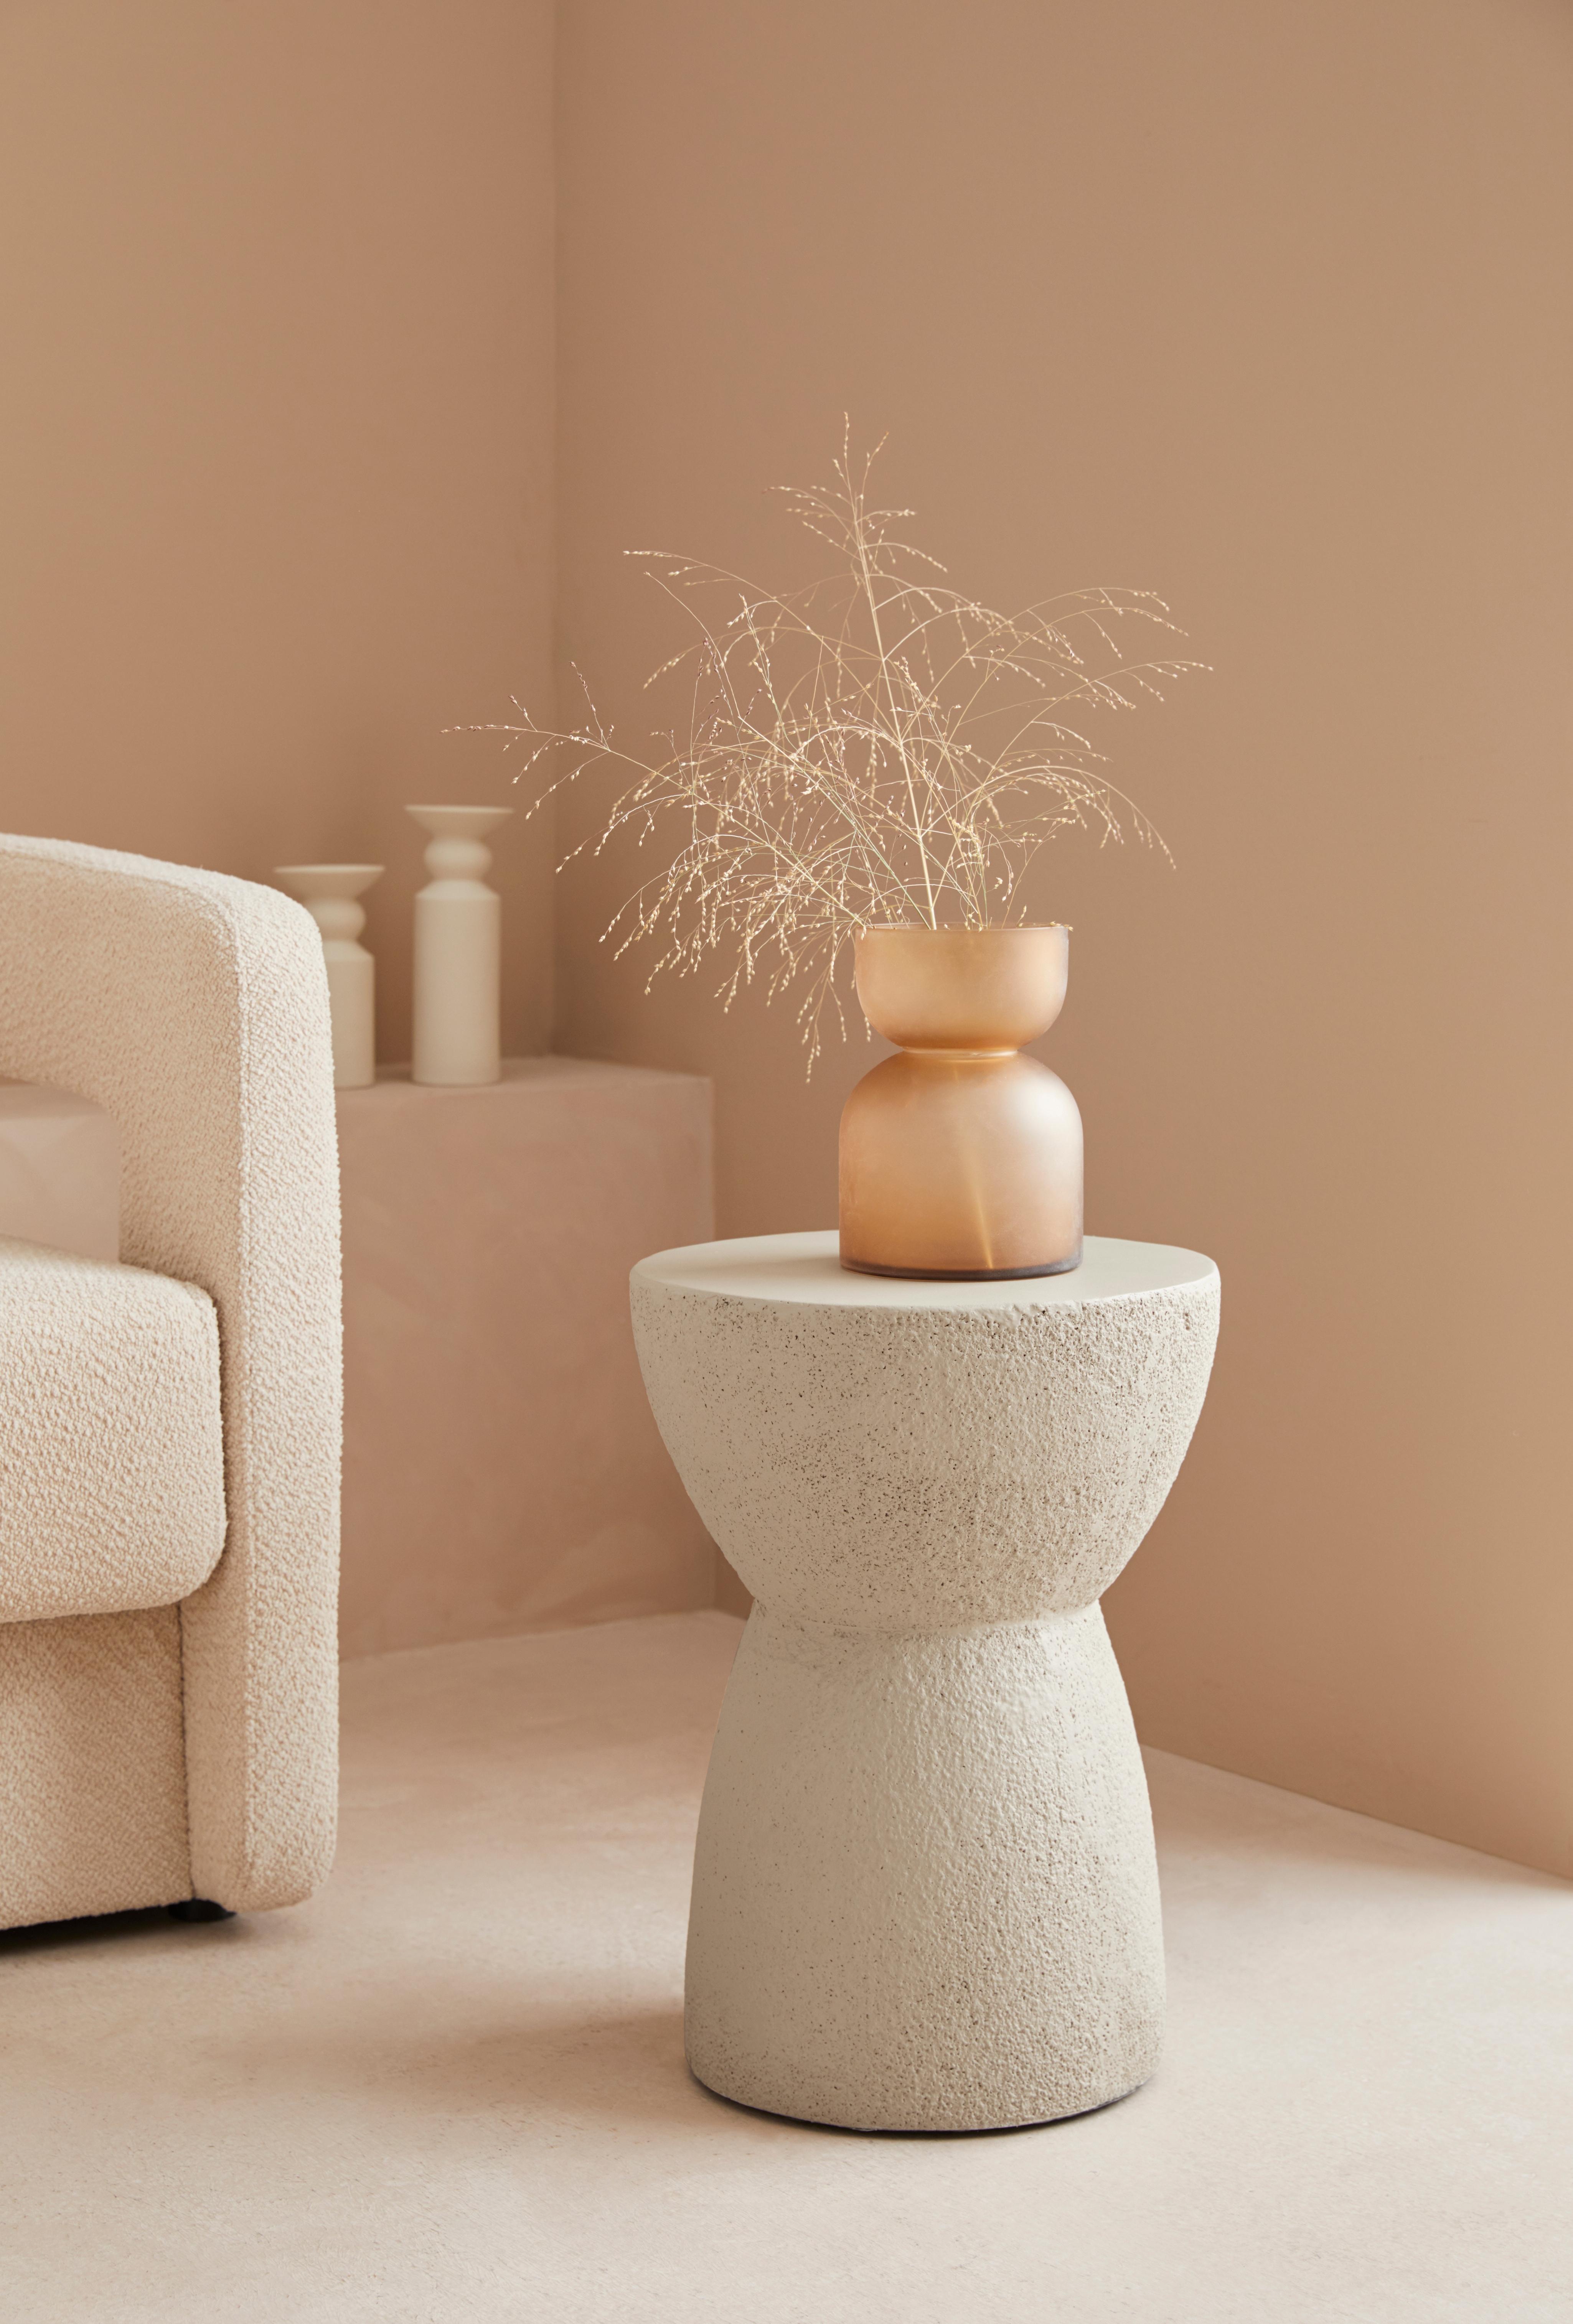 LeGer Home by Lena Gercke Beistelltisch Zarah, in Betonoptik, moderne Form beige Beistelltische Tische